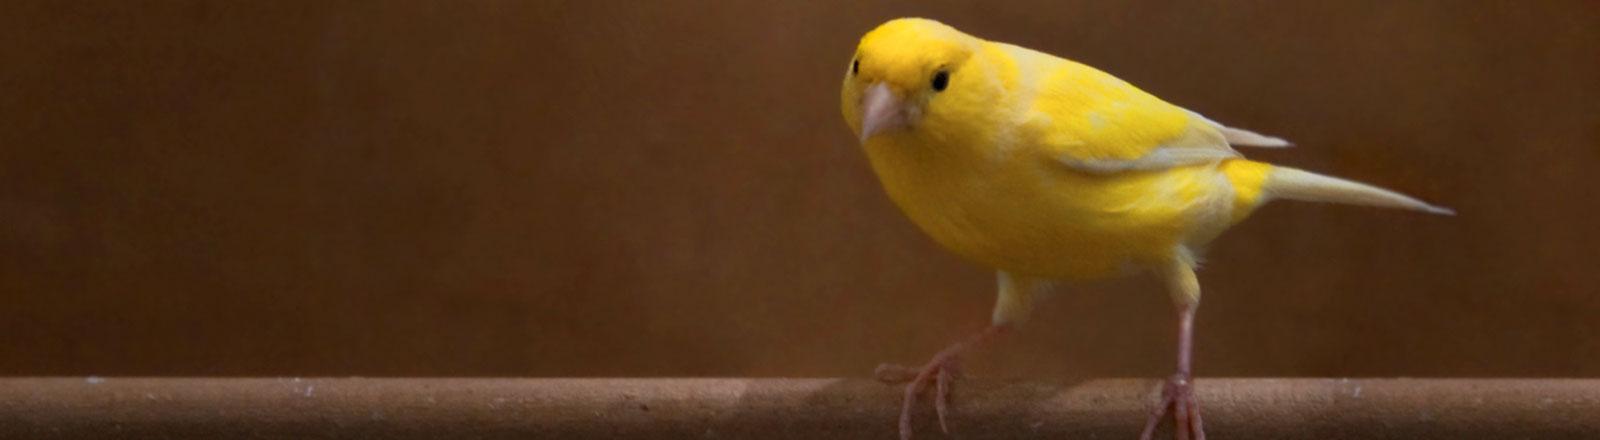 Ein Kanarienvogel auf einer Stange.